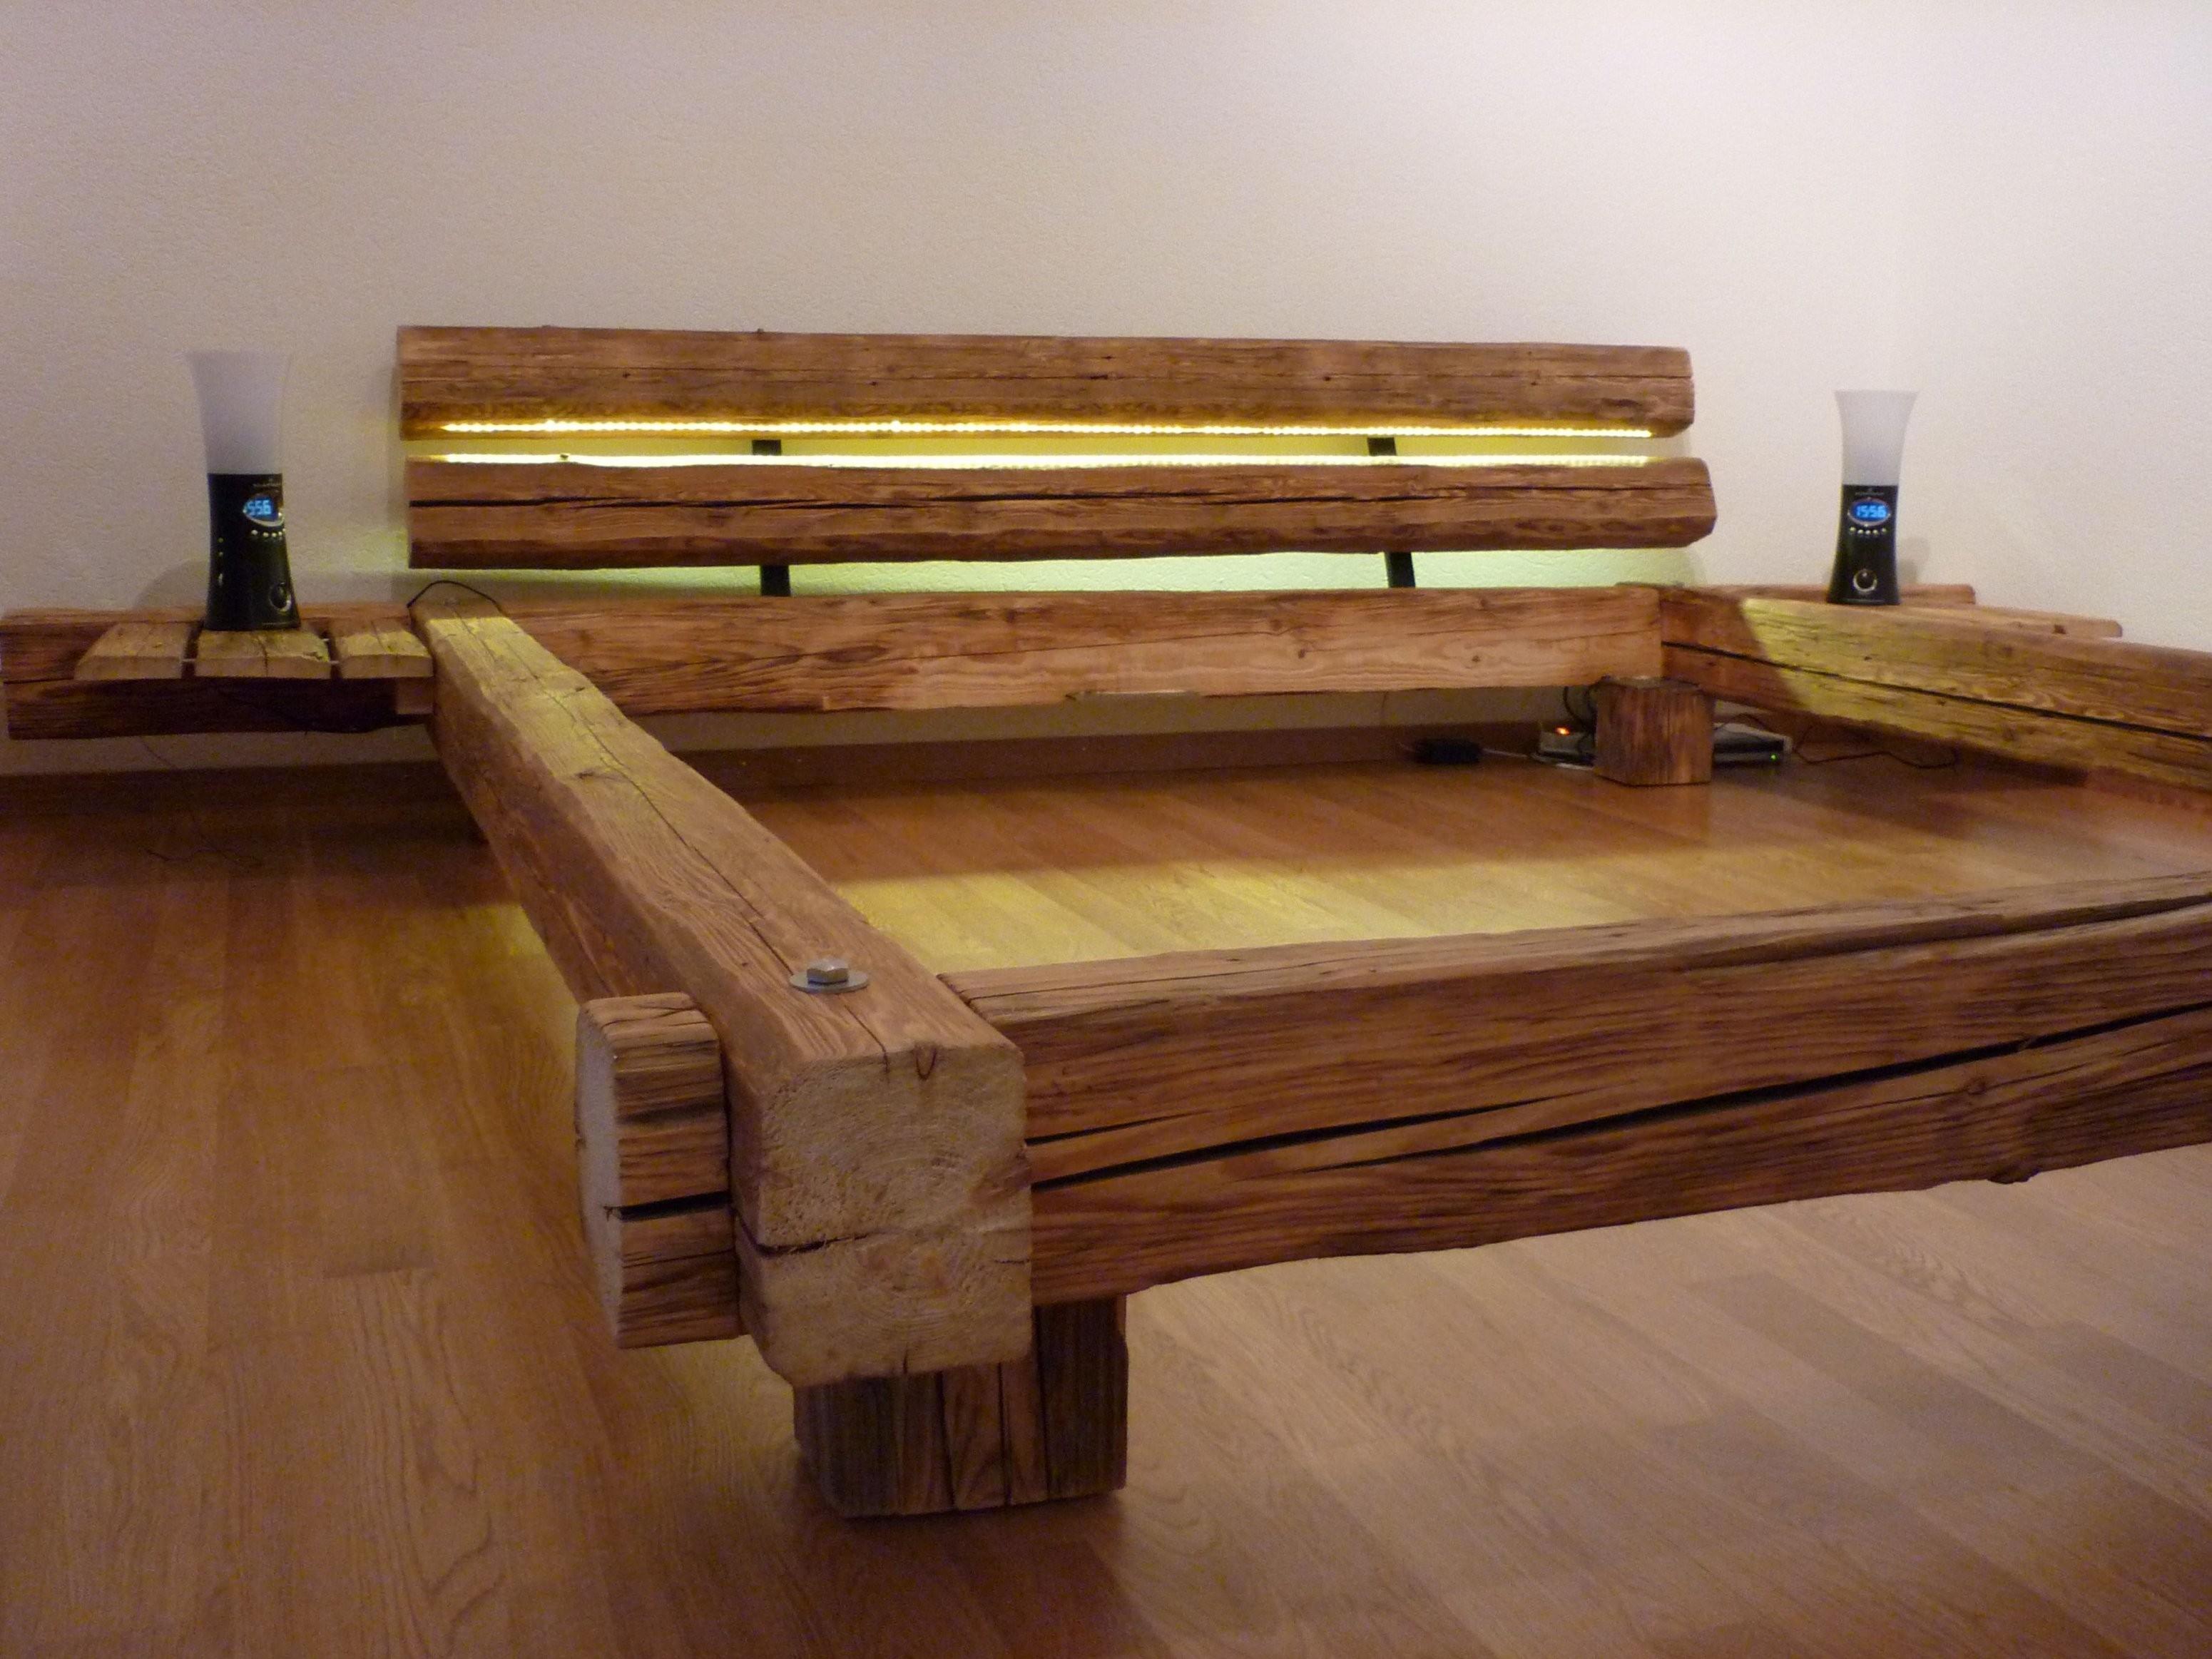 Tolle Bett Aus Massivholz  Holzmöbel In 2018  Pinterest  Bett von Bett Mit Schubladen Selber Bauen Photo